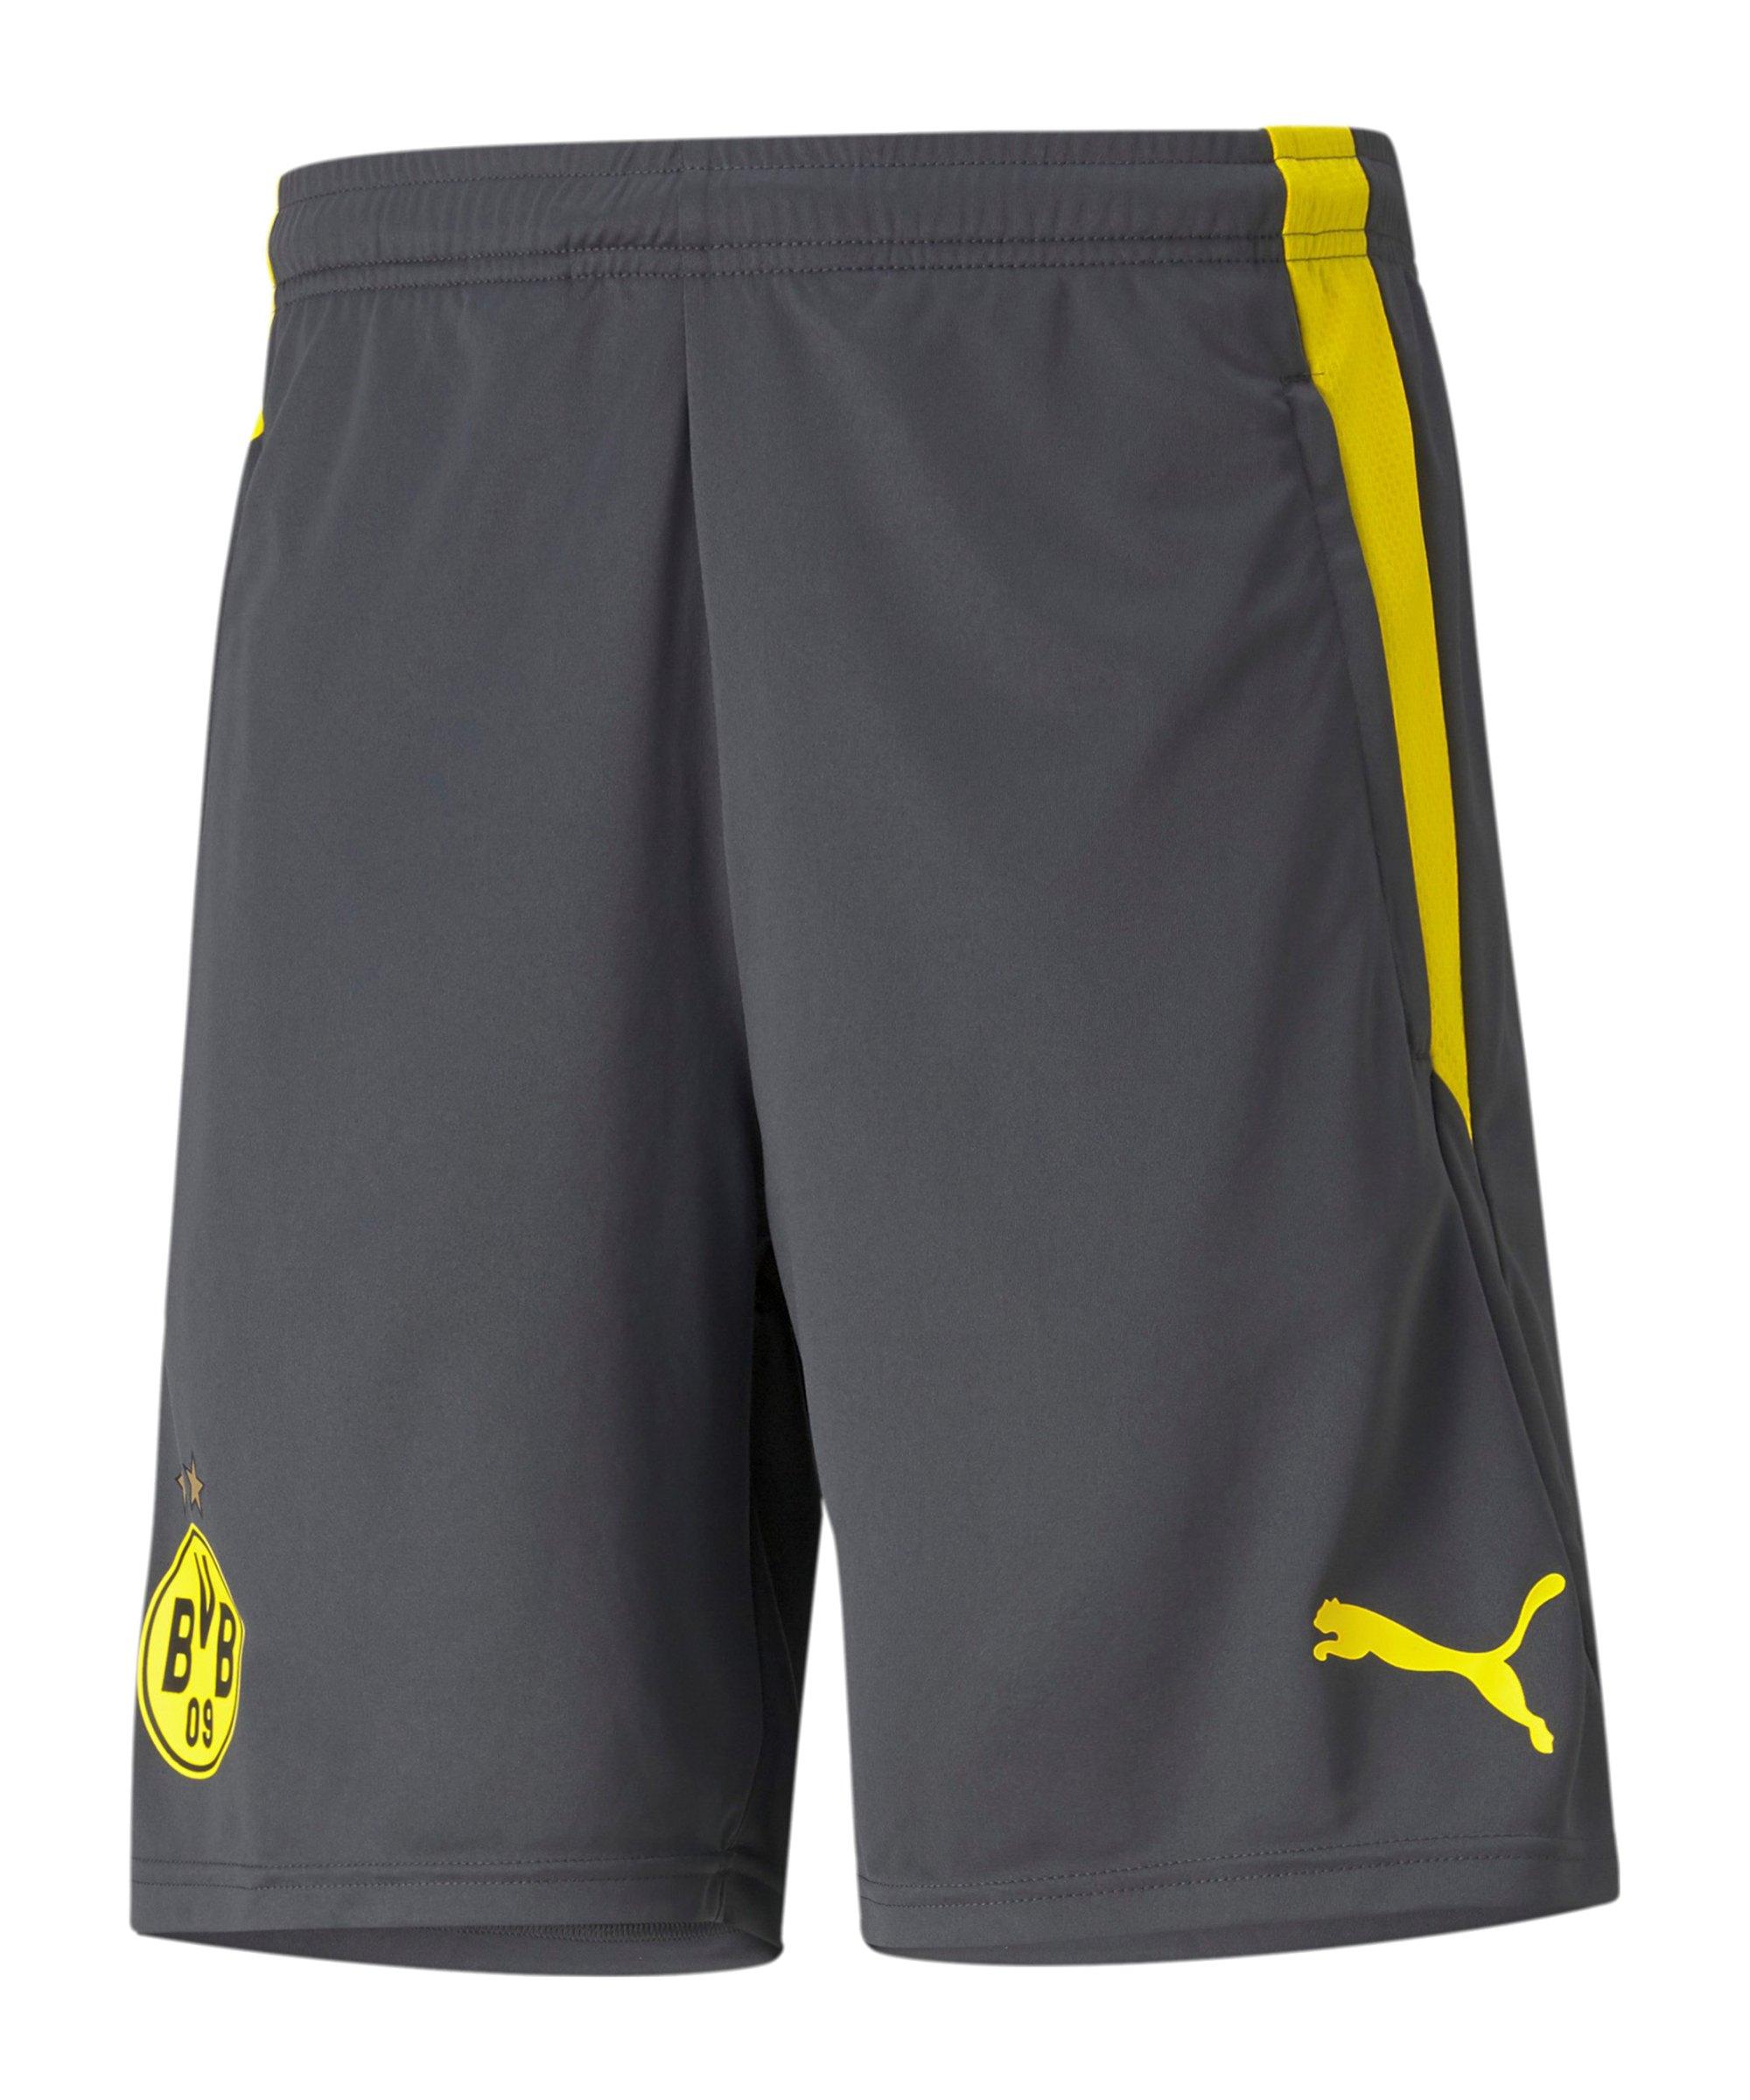 PUMA BVB Dortmund Trainingsshort Grau F04 - grau